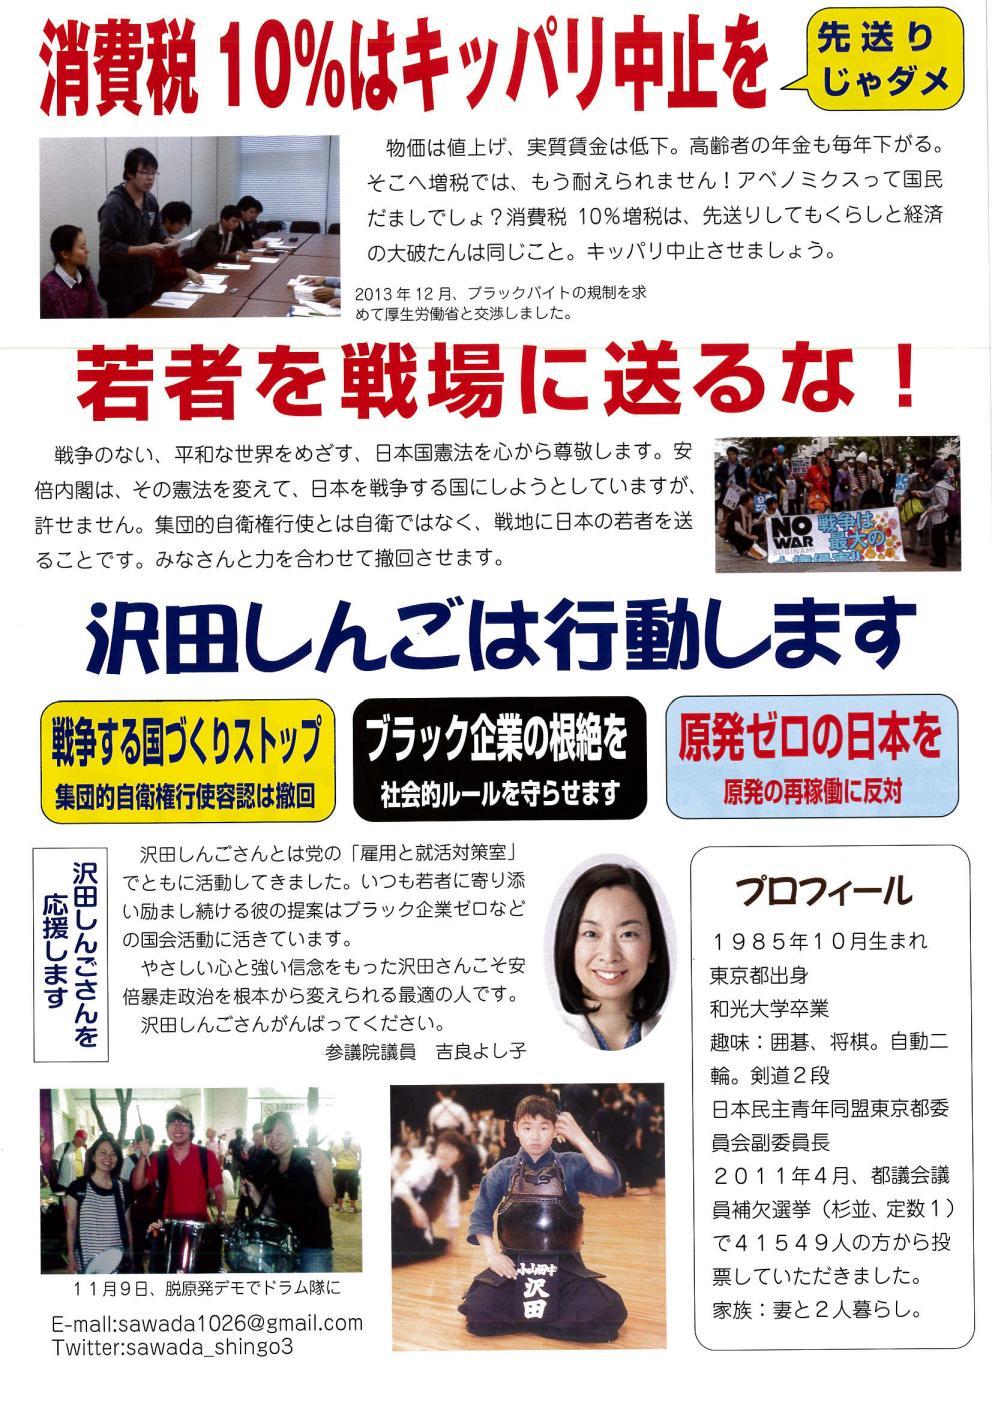 解散総選挙!衆議院東京8区(杉...